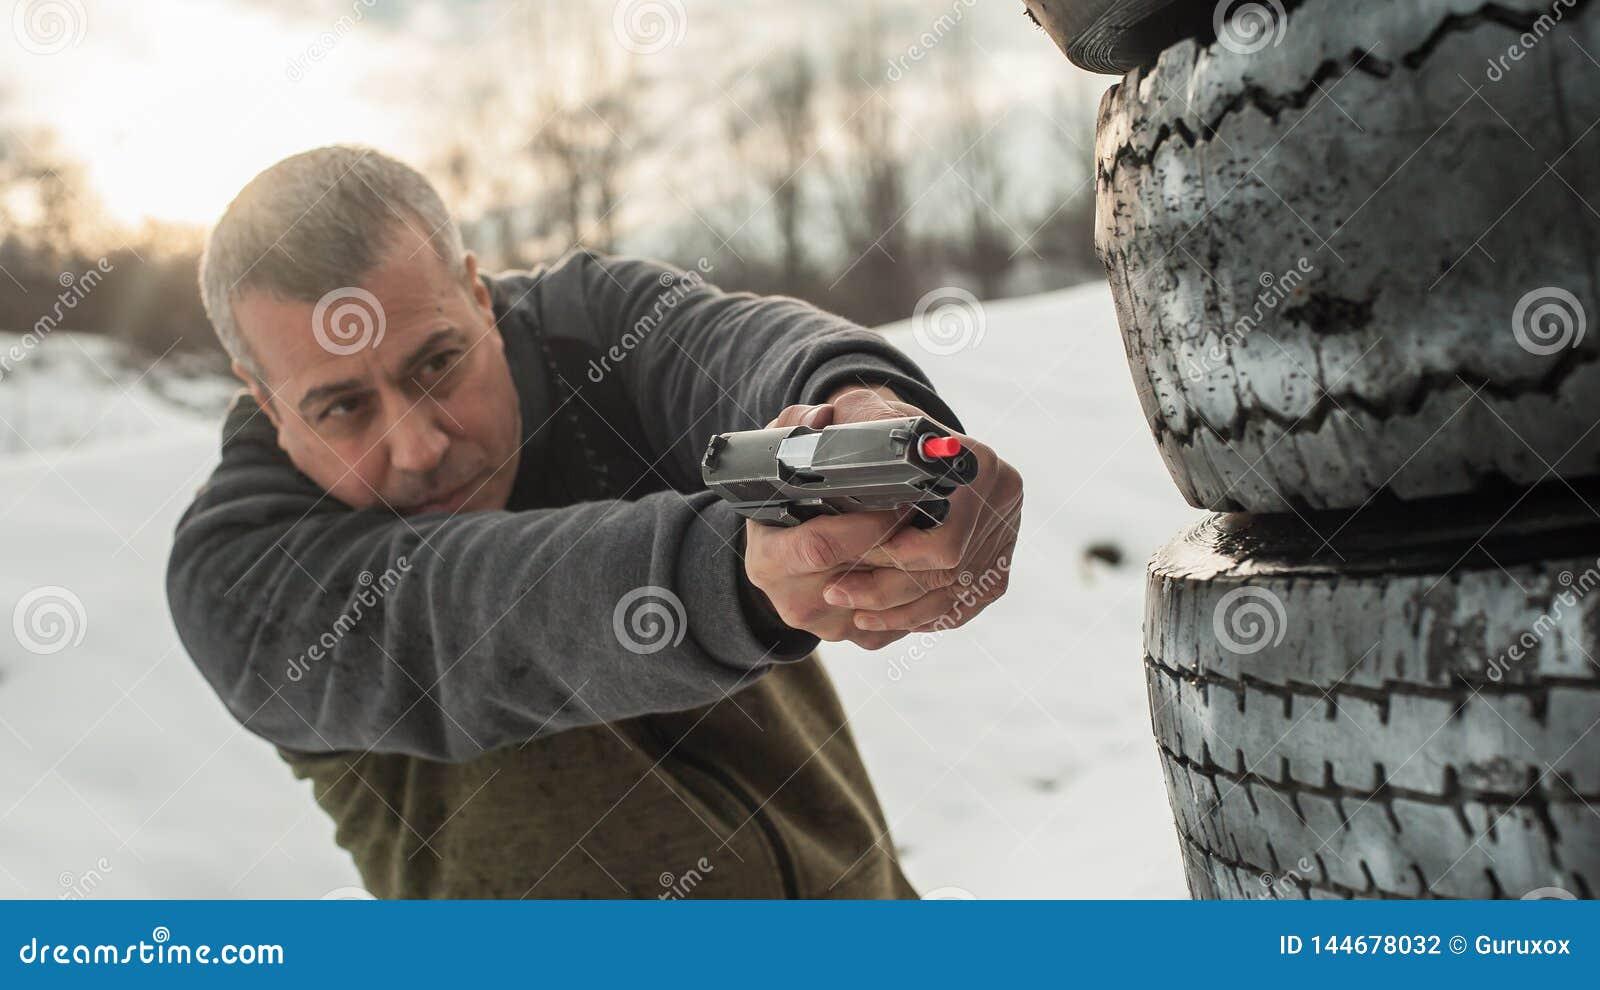 Instrukt?ren visar kropppositionen av vapnet som bakifr?n skjuter barrikaden